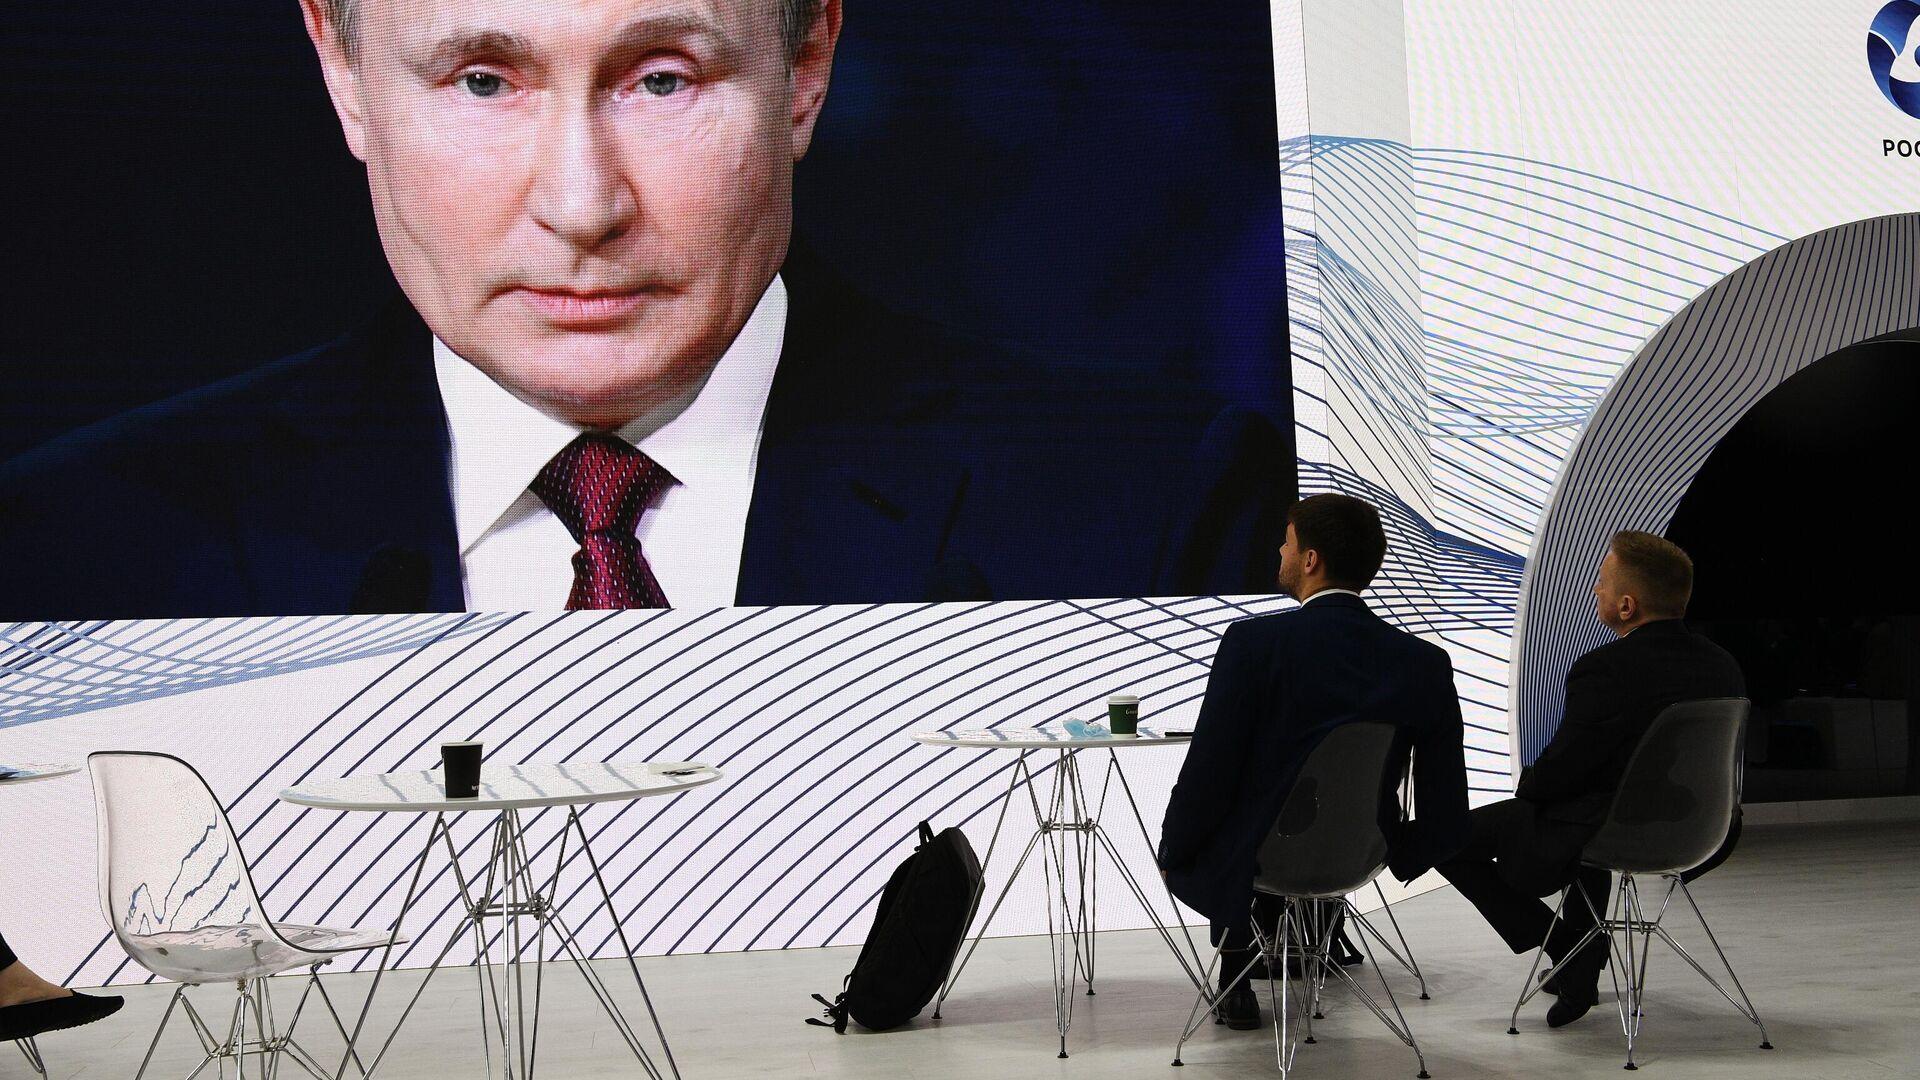 Президент РФ Владимир Путин принял участие в мероприятиях Петербургского международного экономического форума - РИА Новости, 1920, 04.06.2021